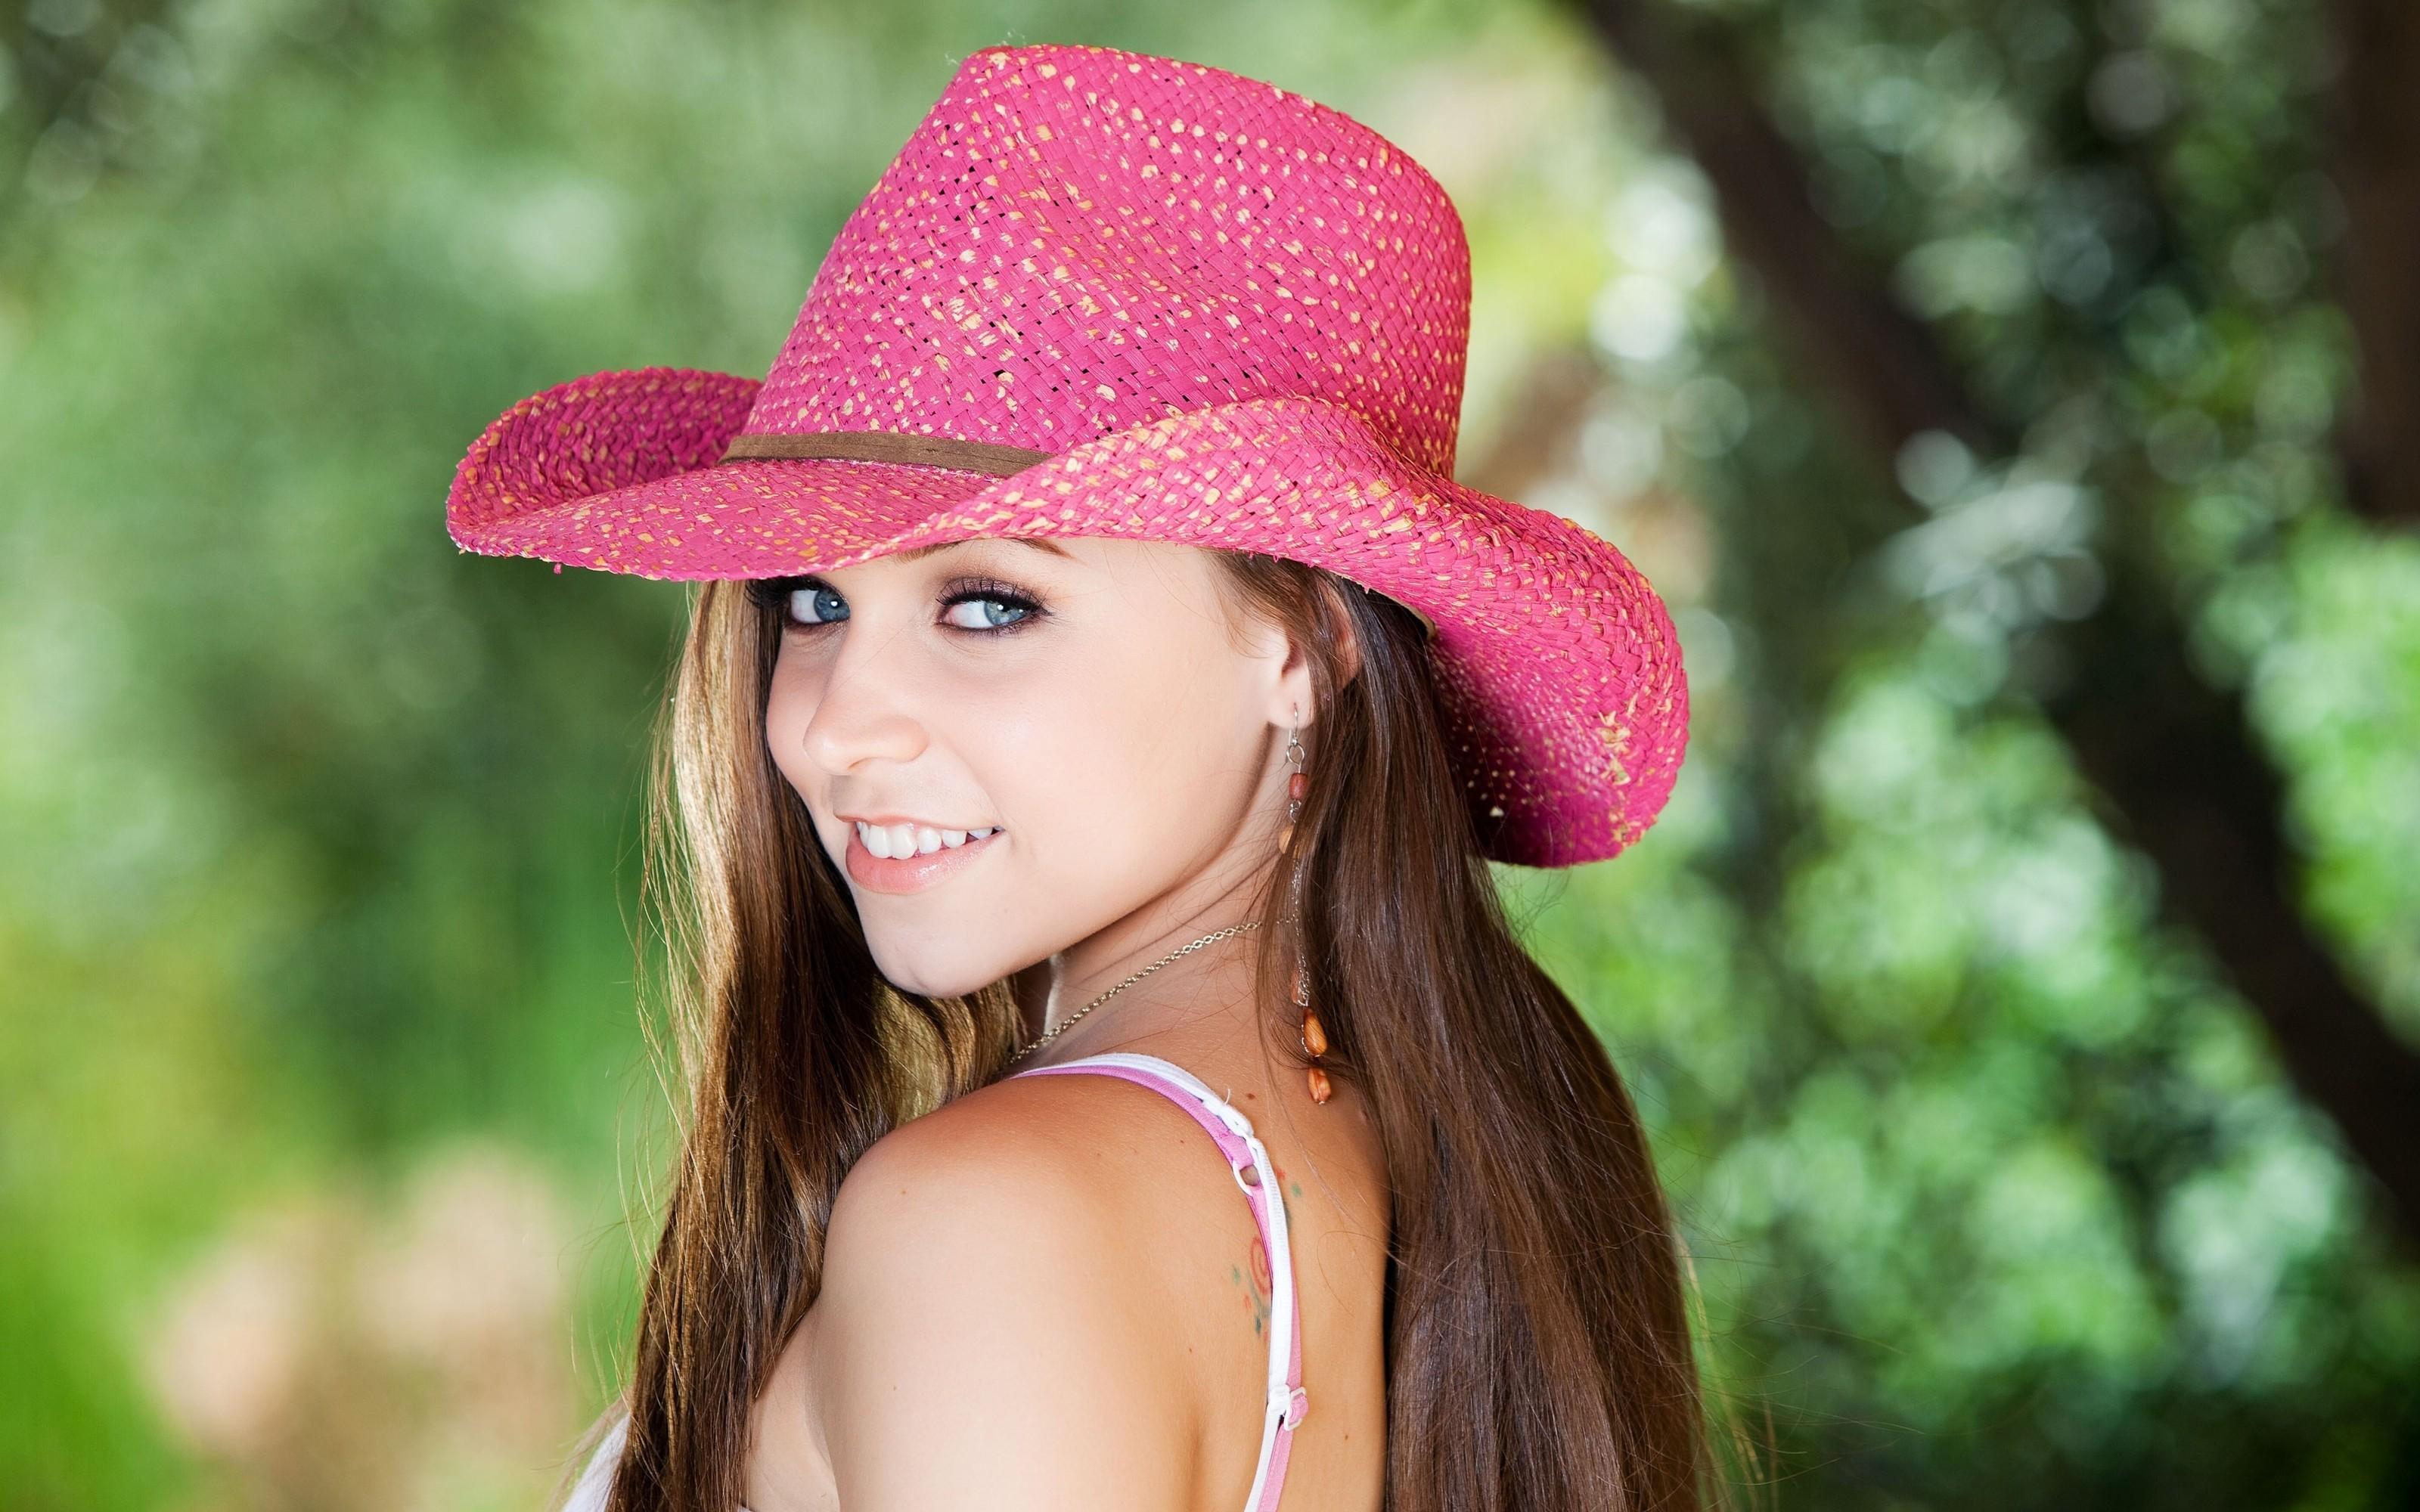 Sombrero rosado - 3200x2000